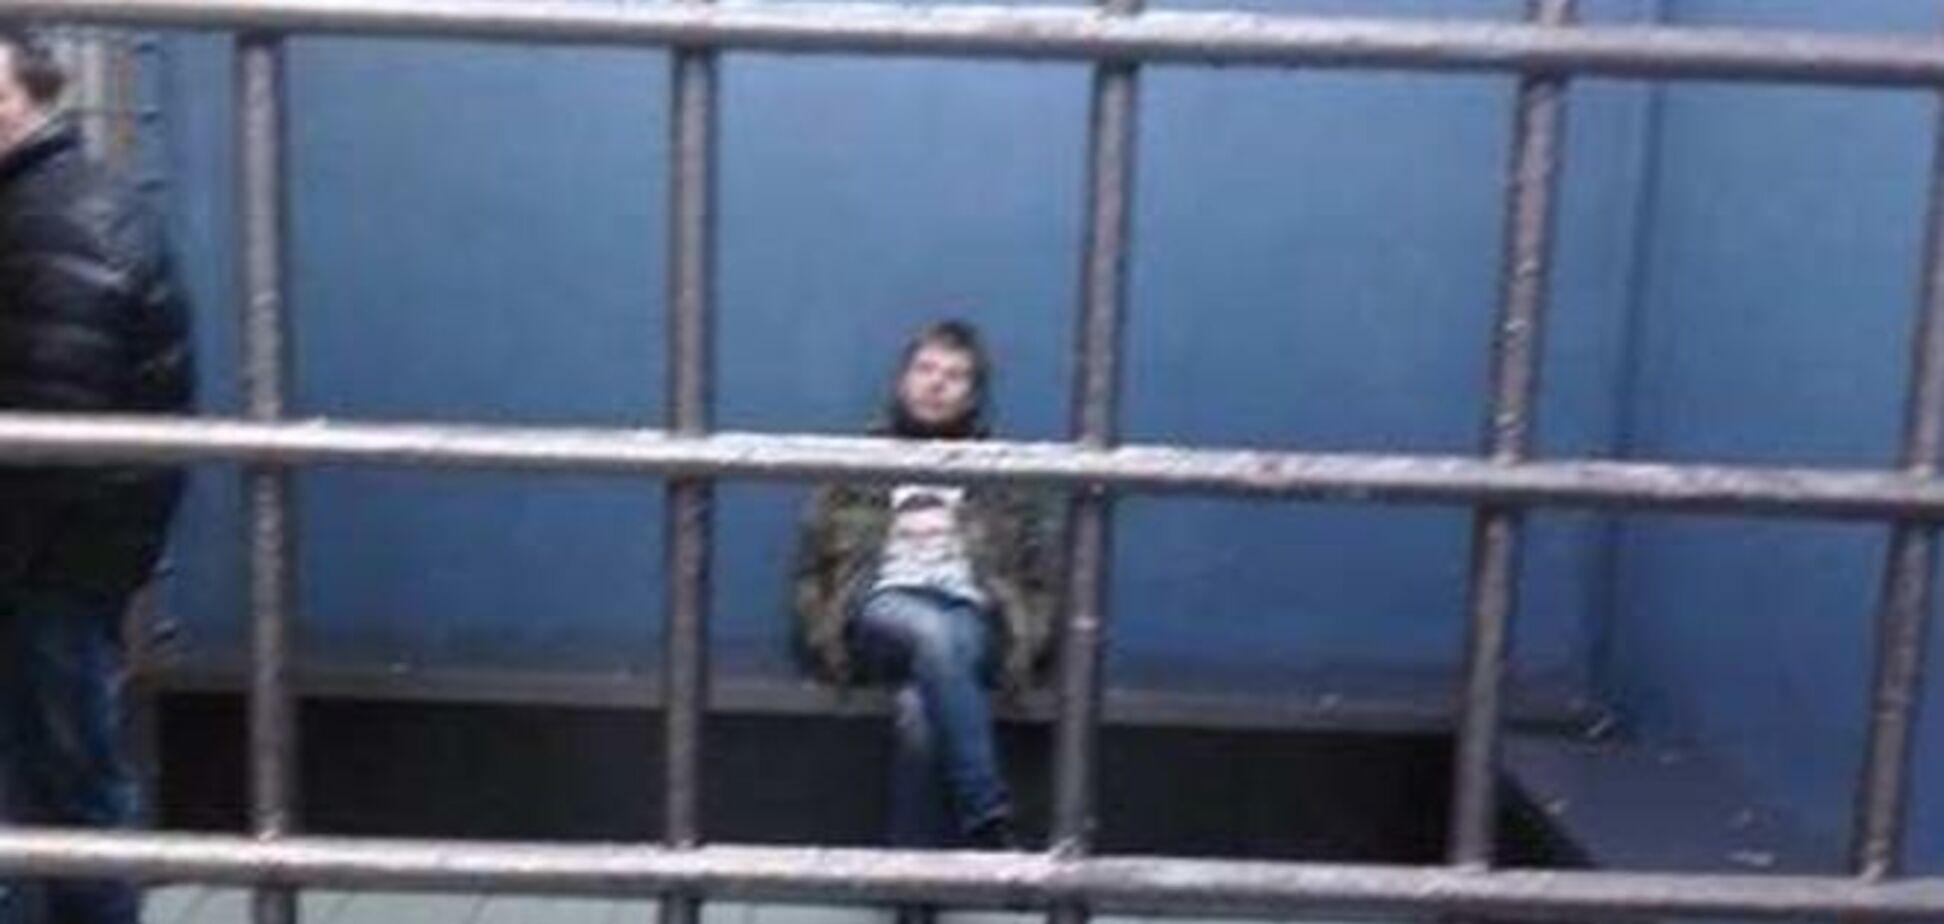 Гончаренко заявил, что его избивали после задержания. Назначен суд